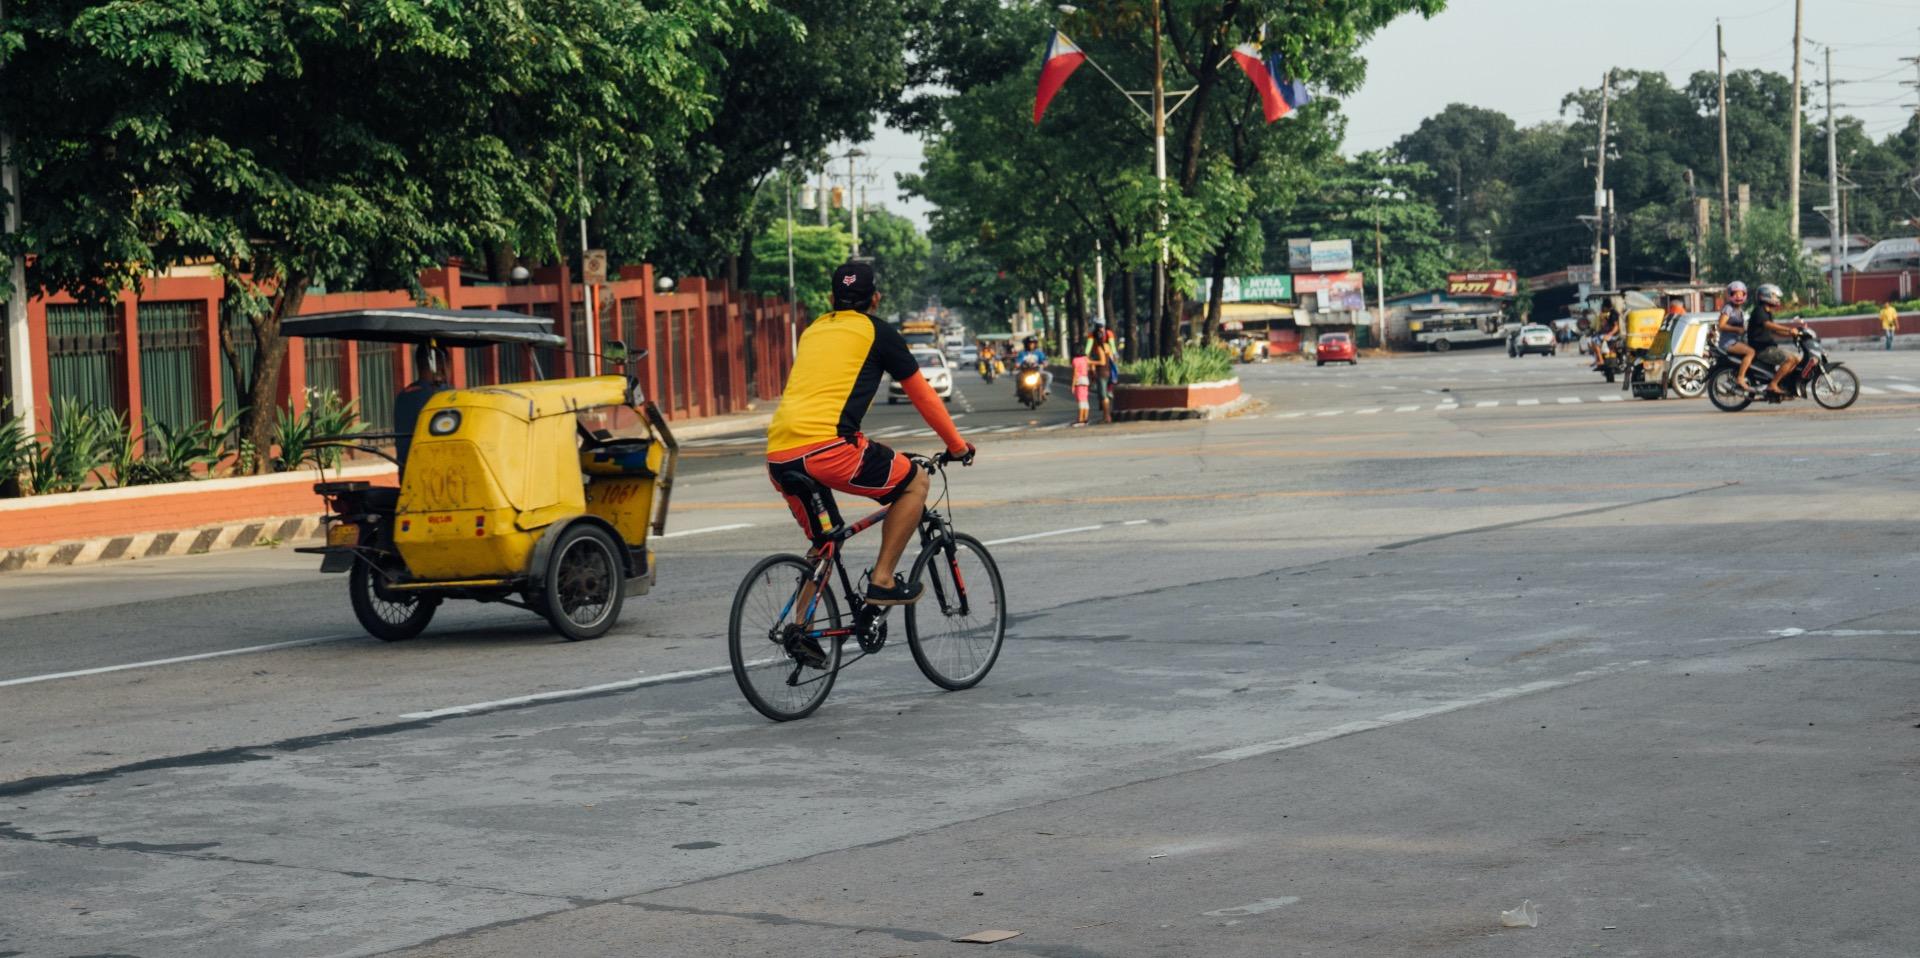 A rare sight - Manila without traffic